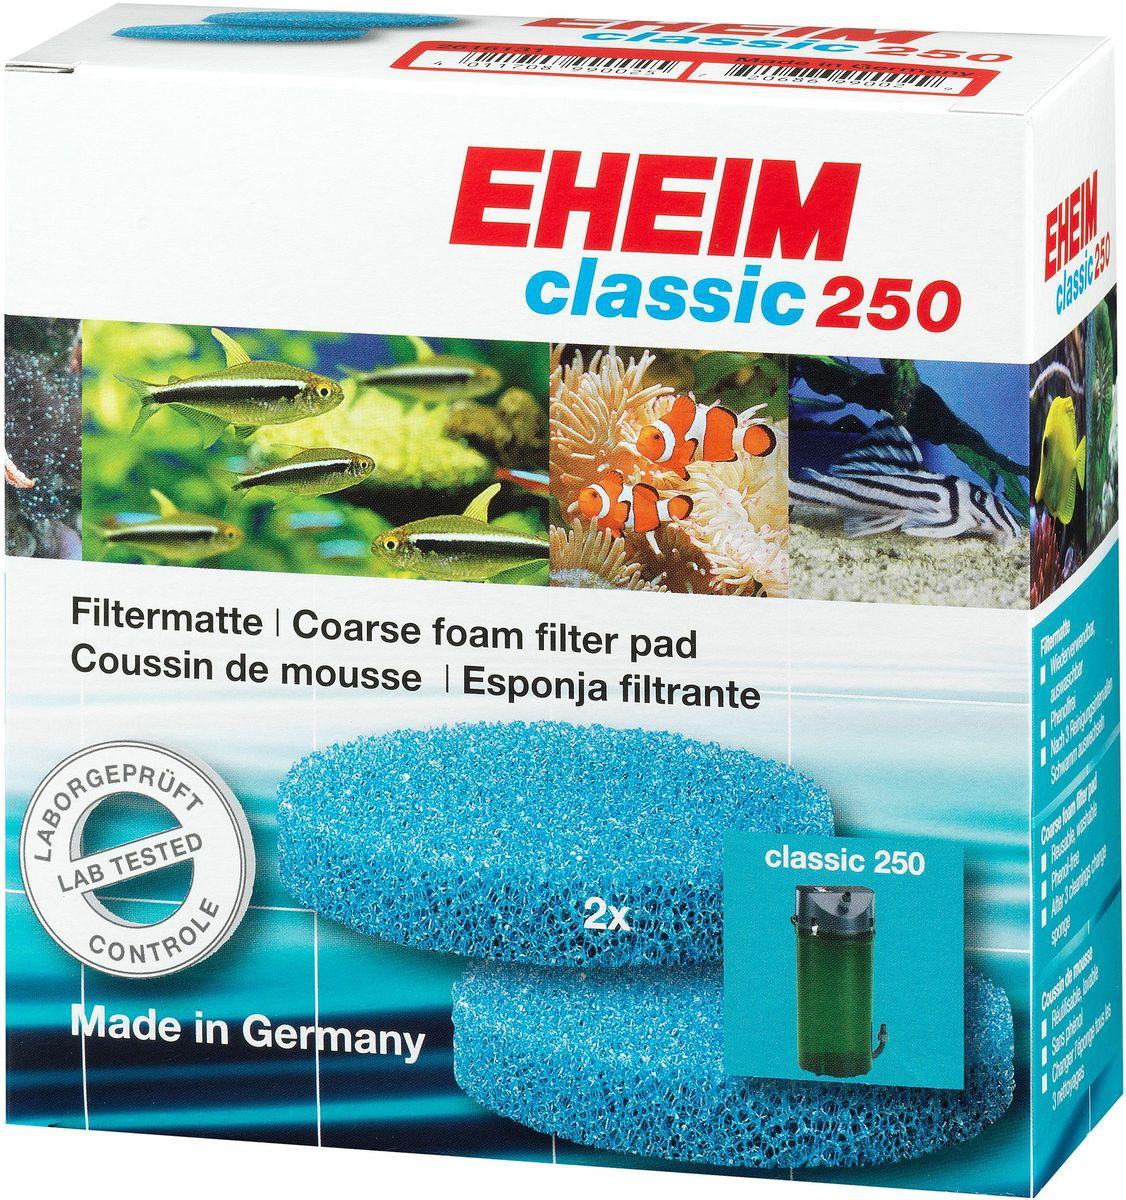 Наполнитель для фильтра Eheim Classic 250, поролон, 2 шт2616131Пористая губка для фильтров Eheim Classic 250 применяется для механической и биологической очистки воды.